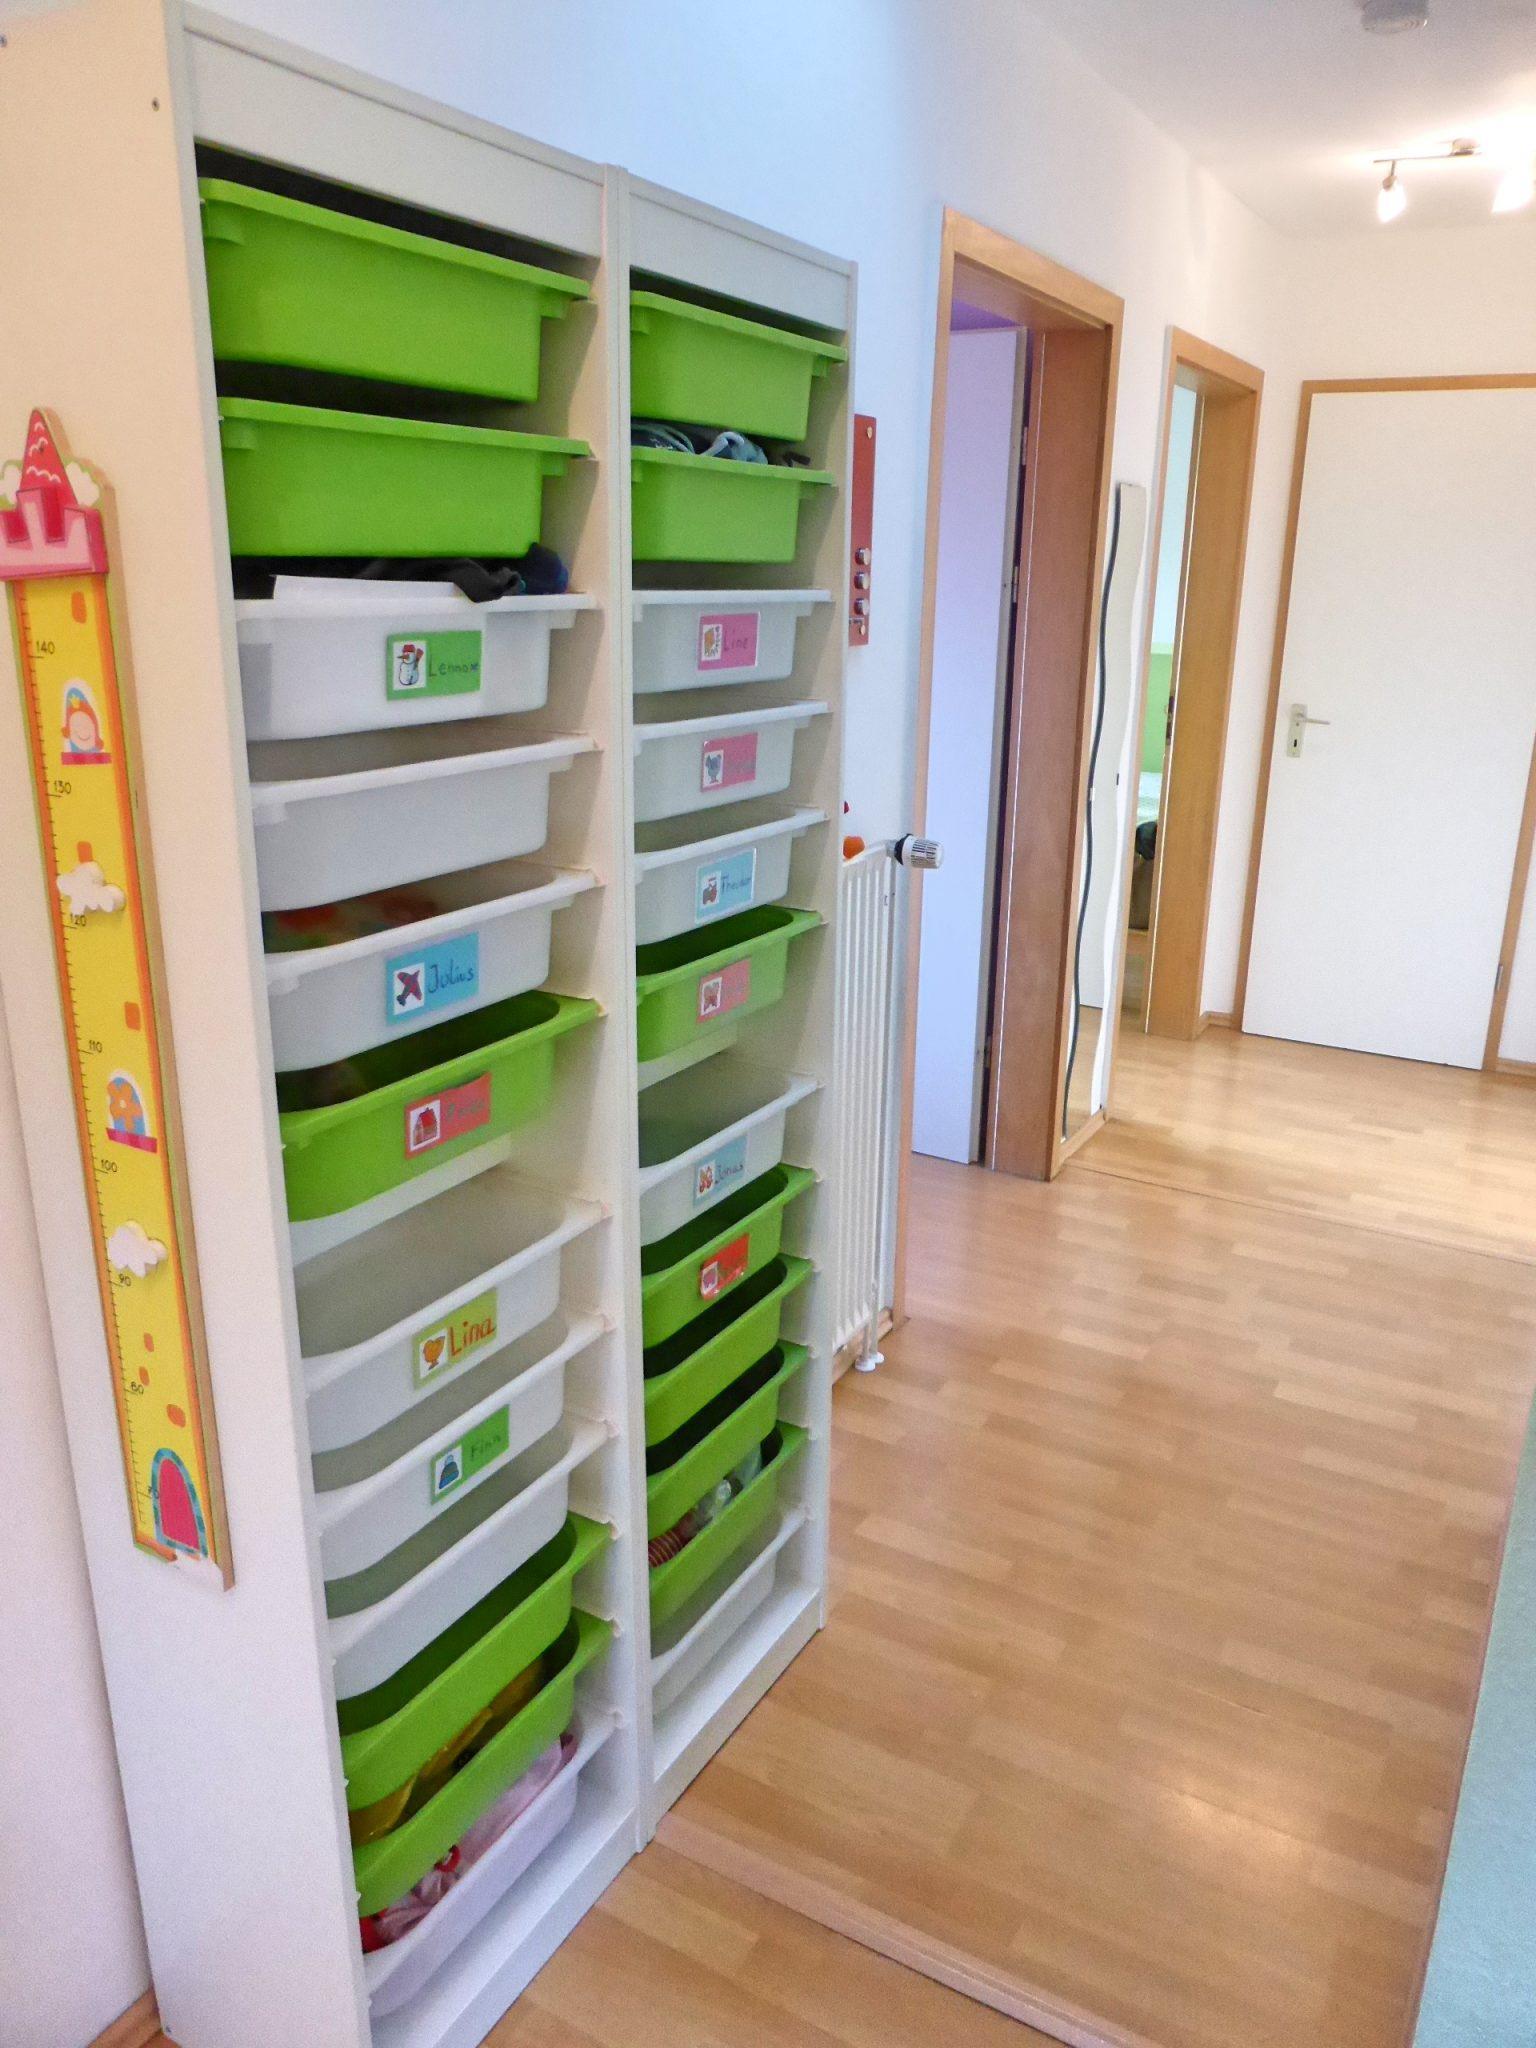 Empfangsbereich 4 Kita Kid Zone Kinderbetreuung - Empfangsbereich